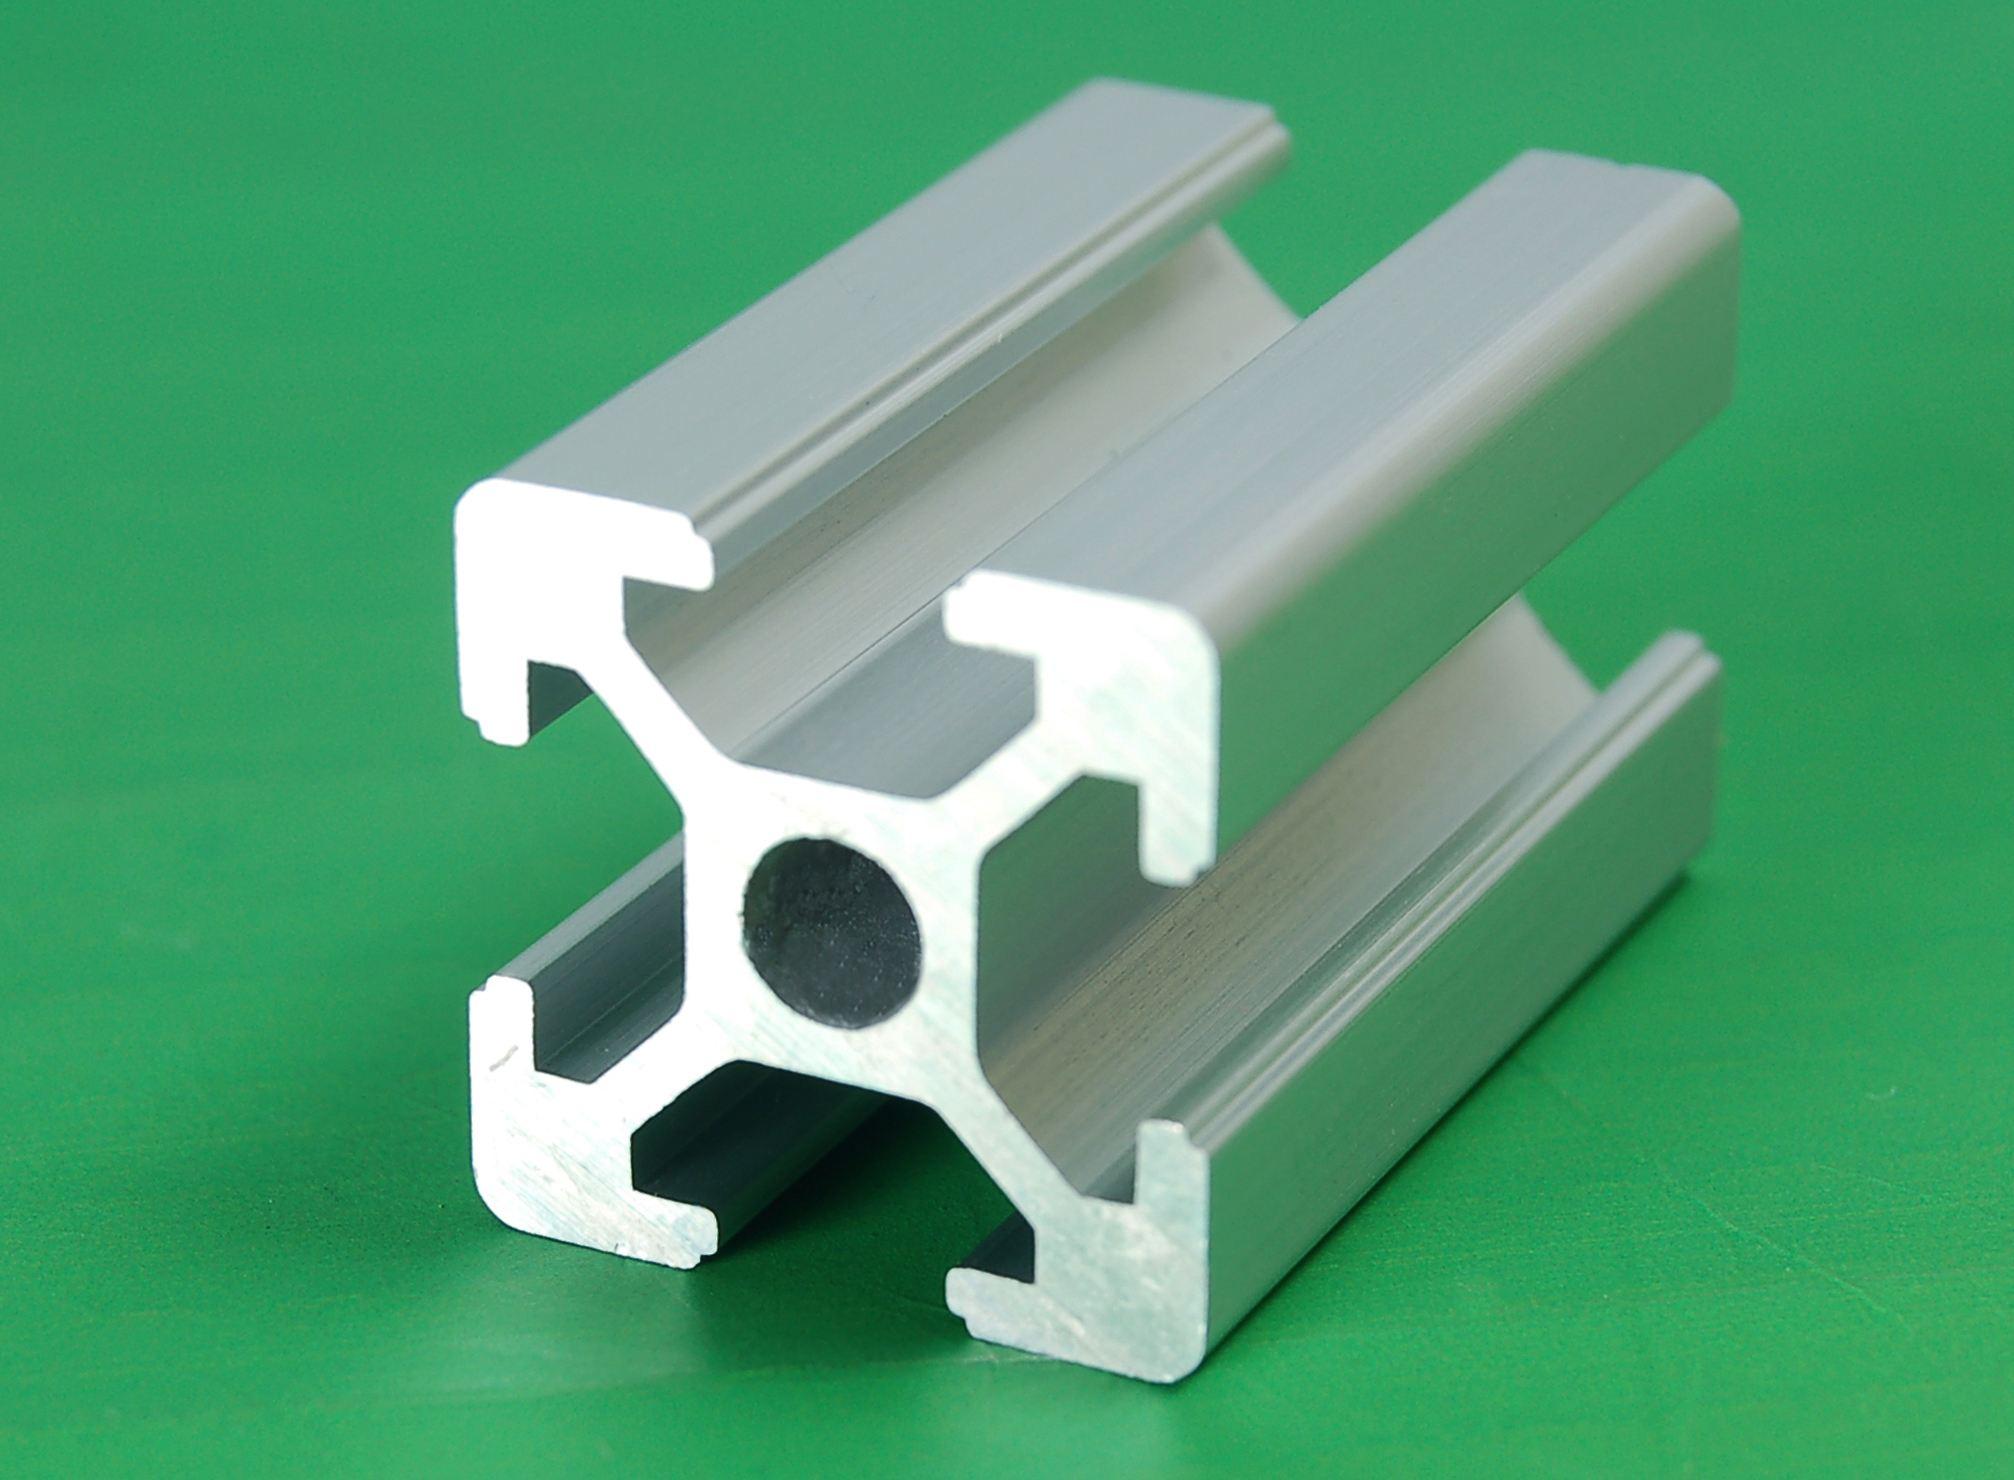 双喜铝业 南京洗衣柜铝型材 厂家直销 原装定制生产支持验货 质量保障